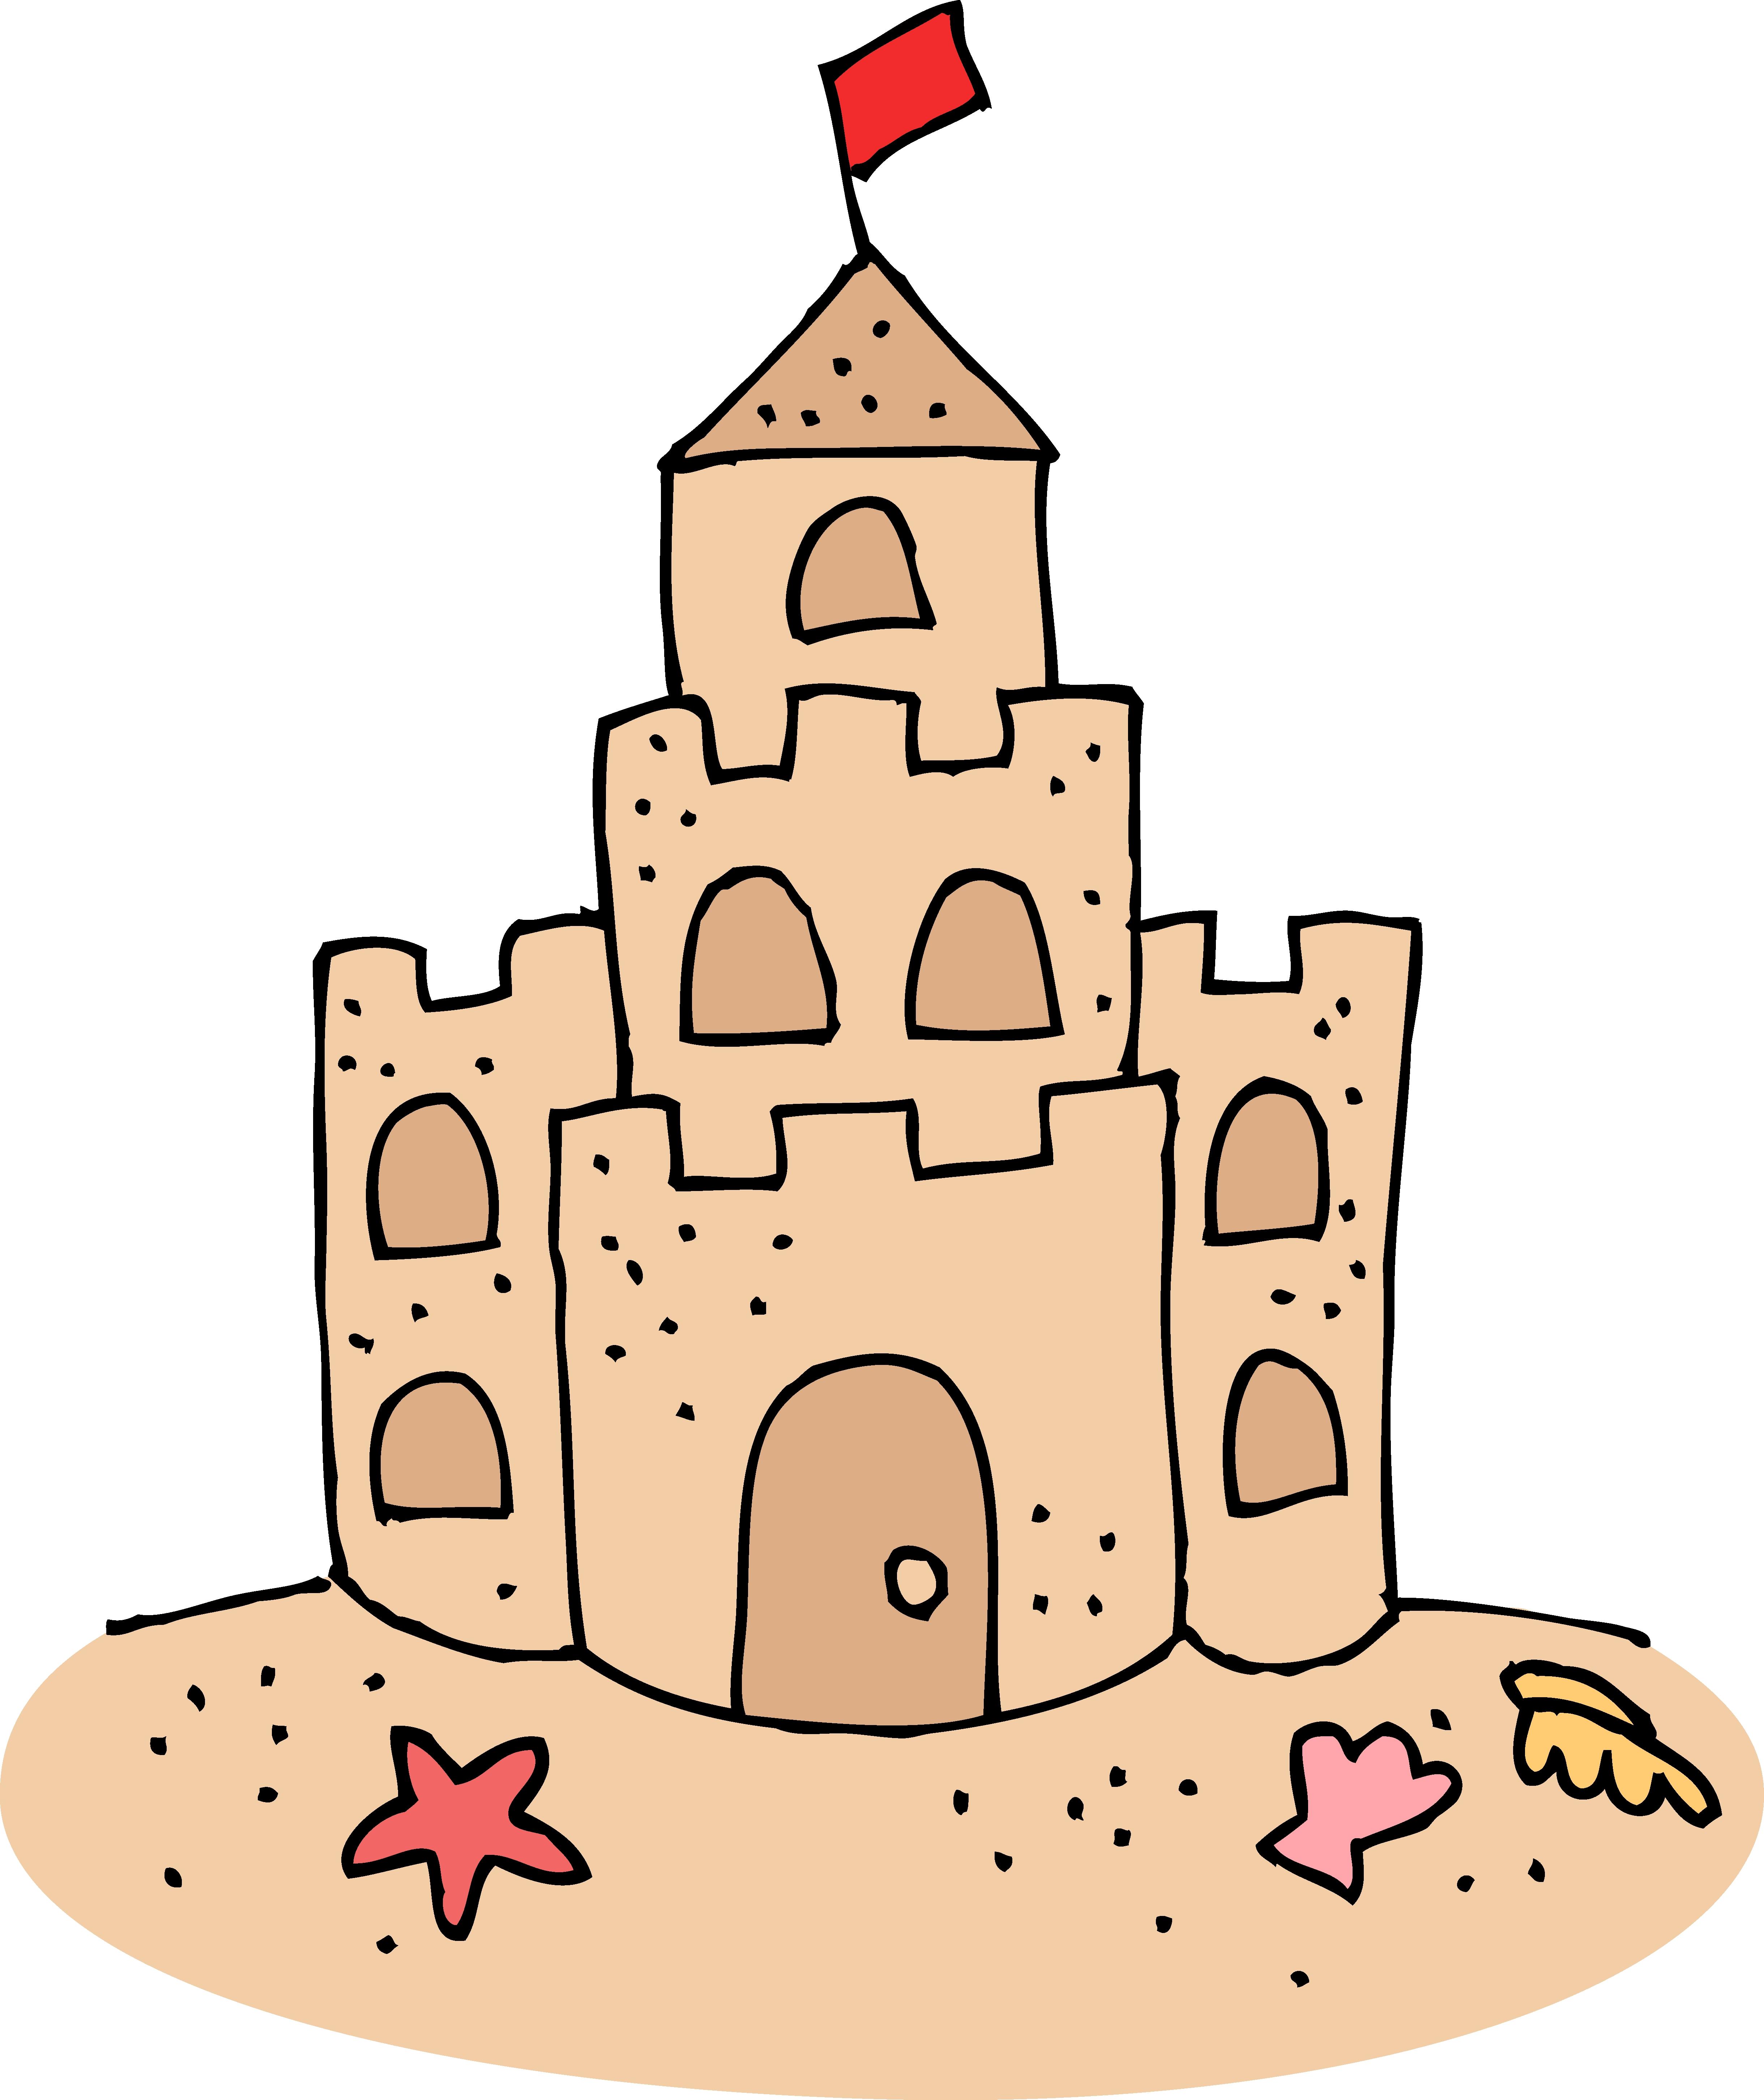 4879x5808 Unique Sand Castle Clipart Gallery